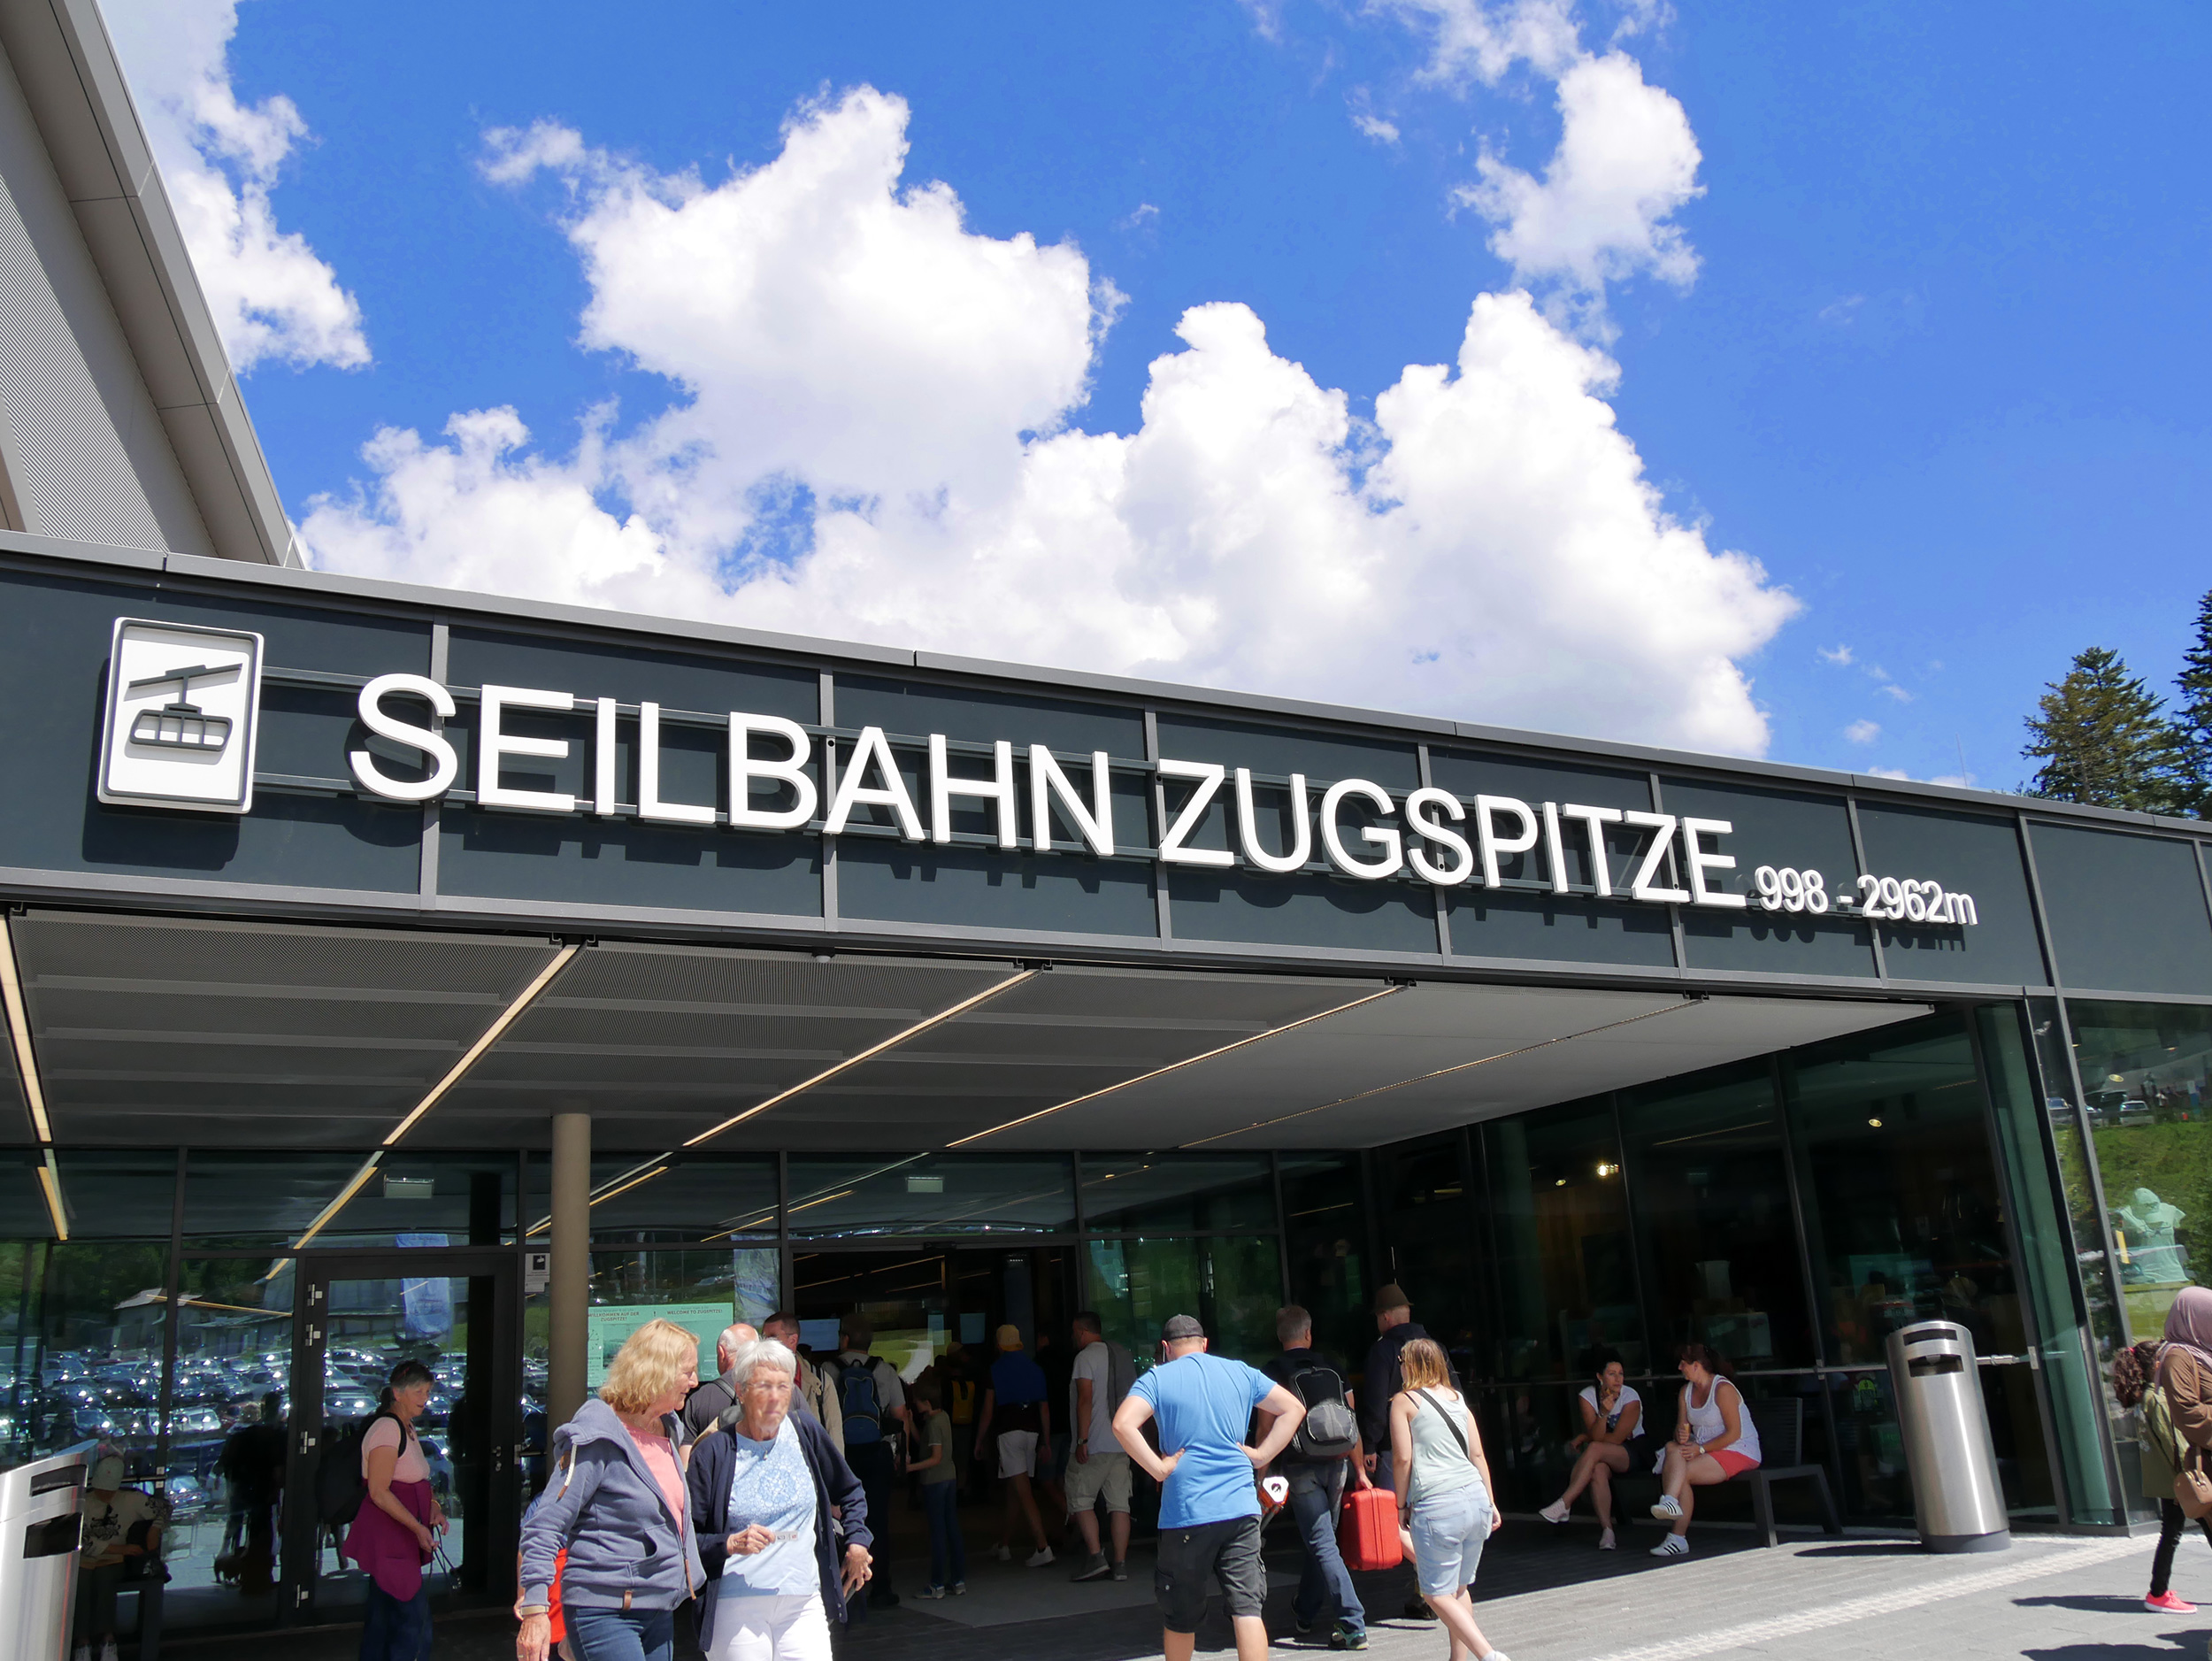 Eibsee-Seilbahn der Bayerischen Zugspitzbahn in Garmisch – © Christian Schön